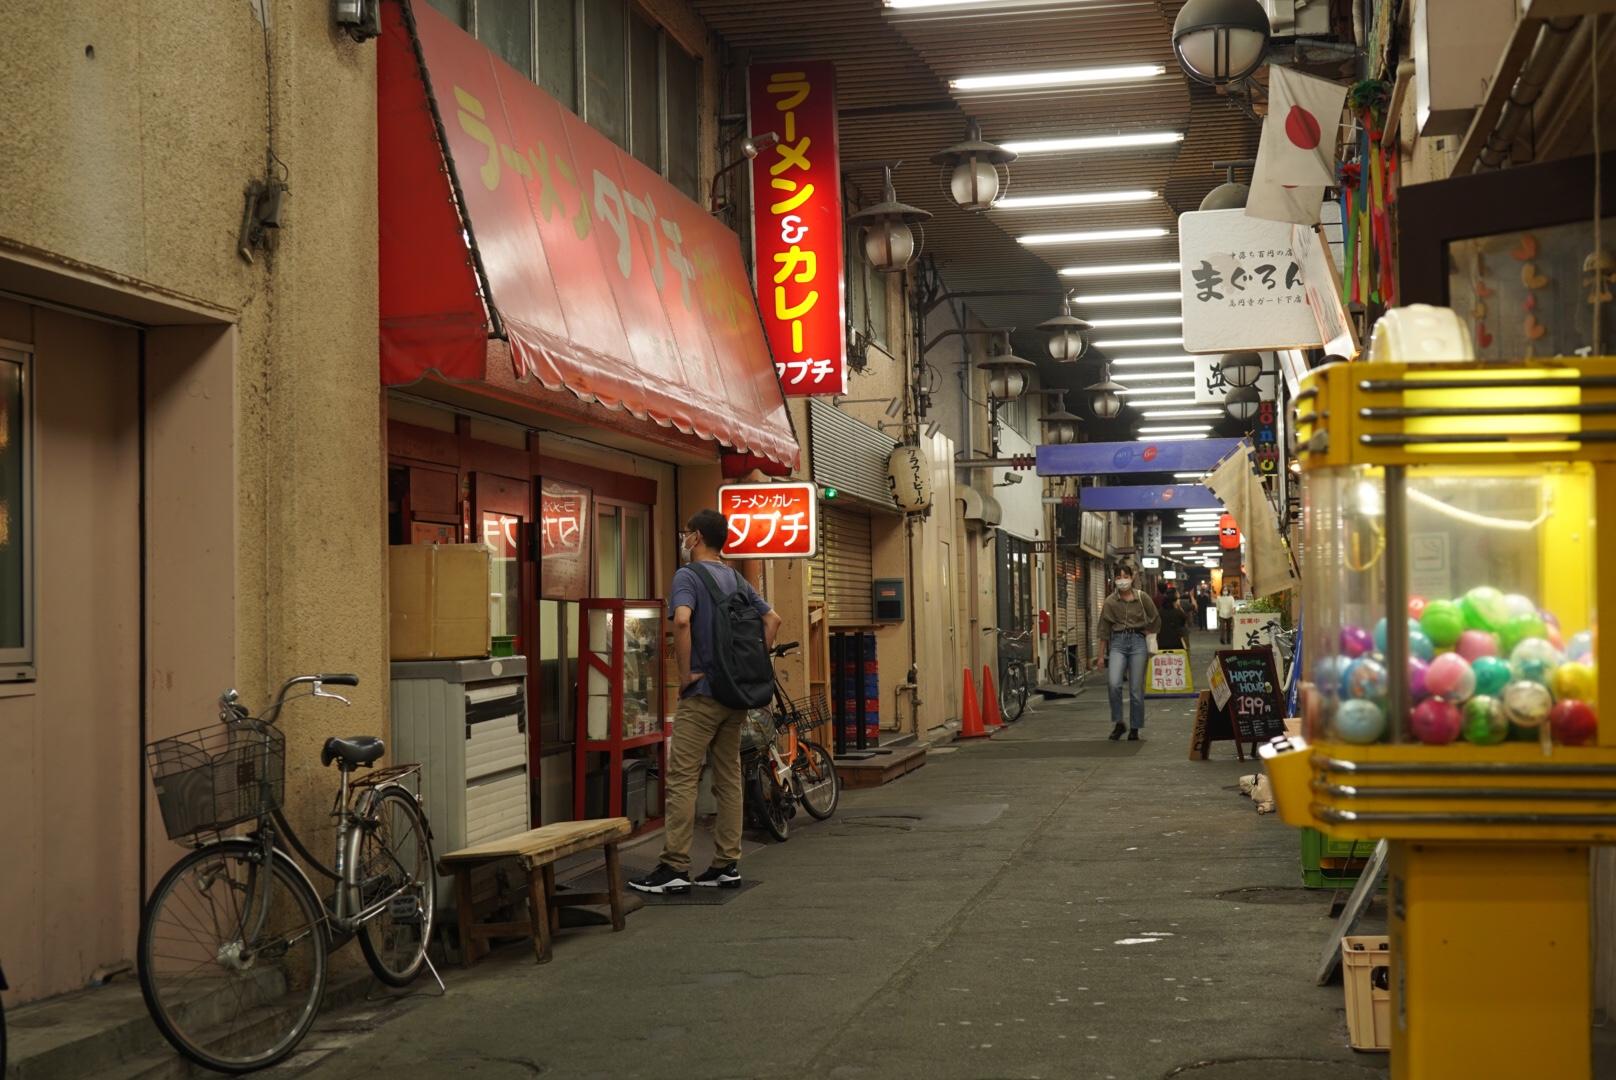 高円寺ストリートの古き良き昭和感